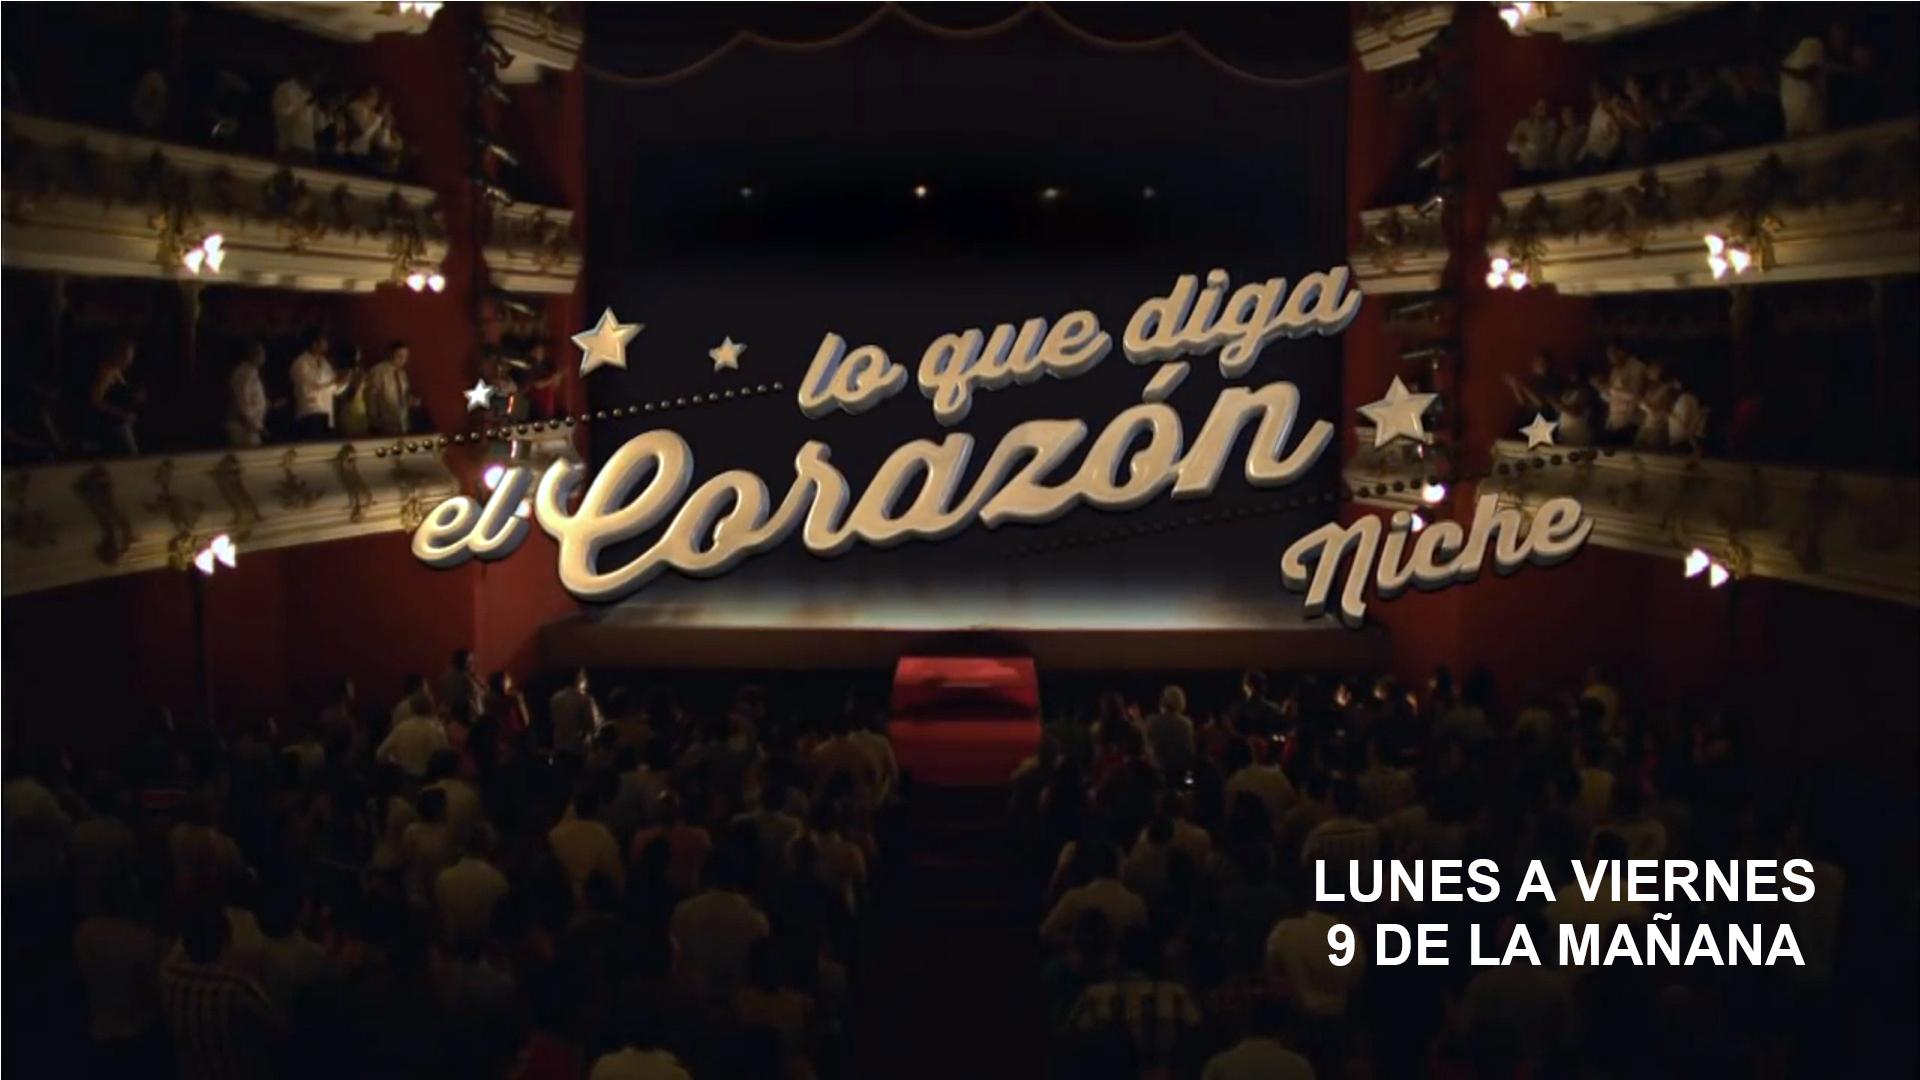 LO-QUE-DIGA-EL-CORAZON-COMBIO